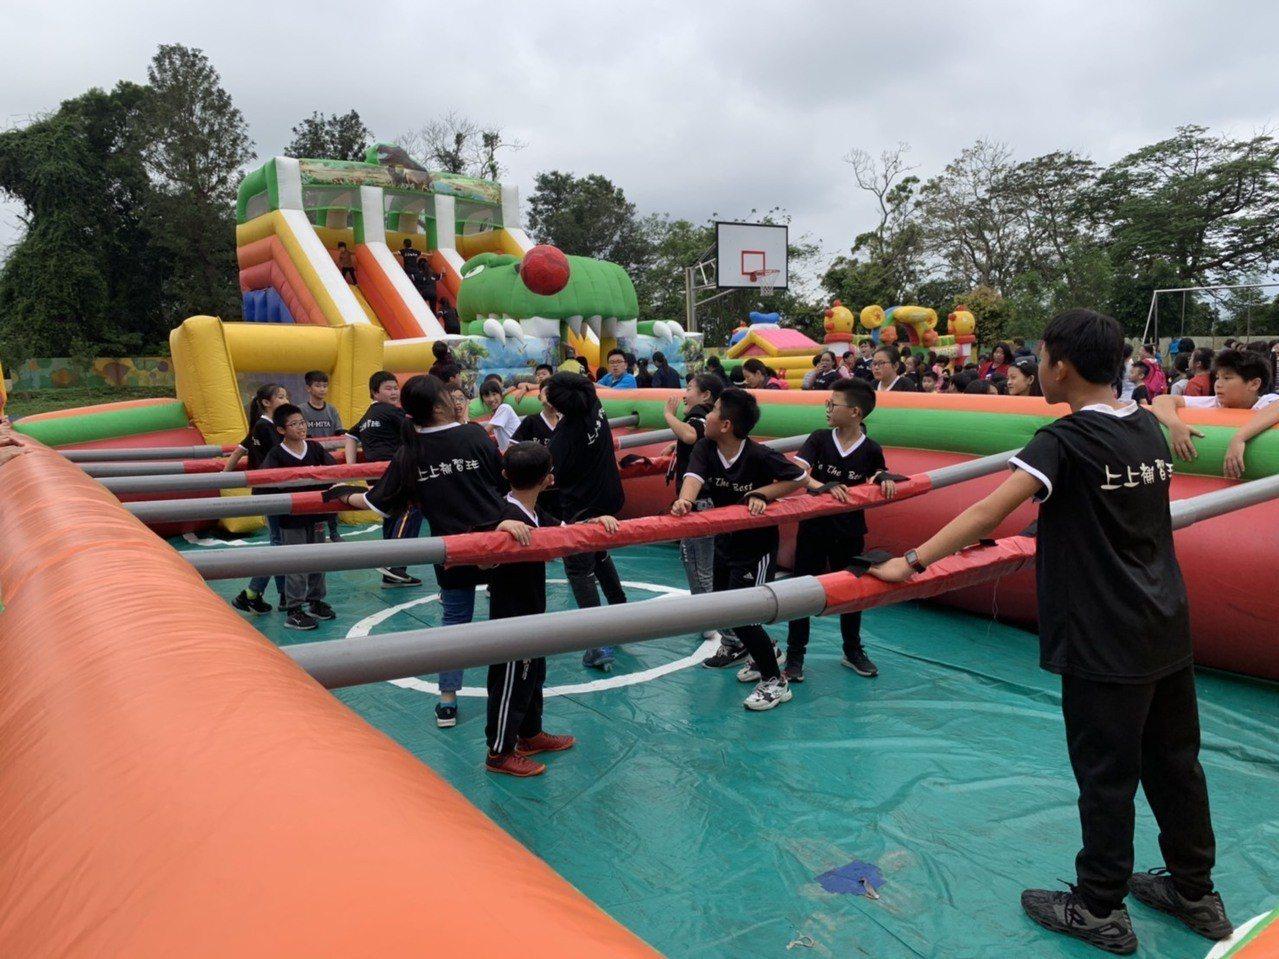 新竹縣北埔鄉公所,在兒童節前一天,將北埔國小操場變身為大型遊樂場,孩子們化身人體...